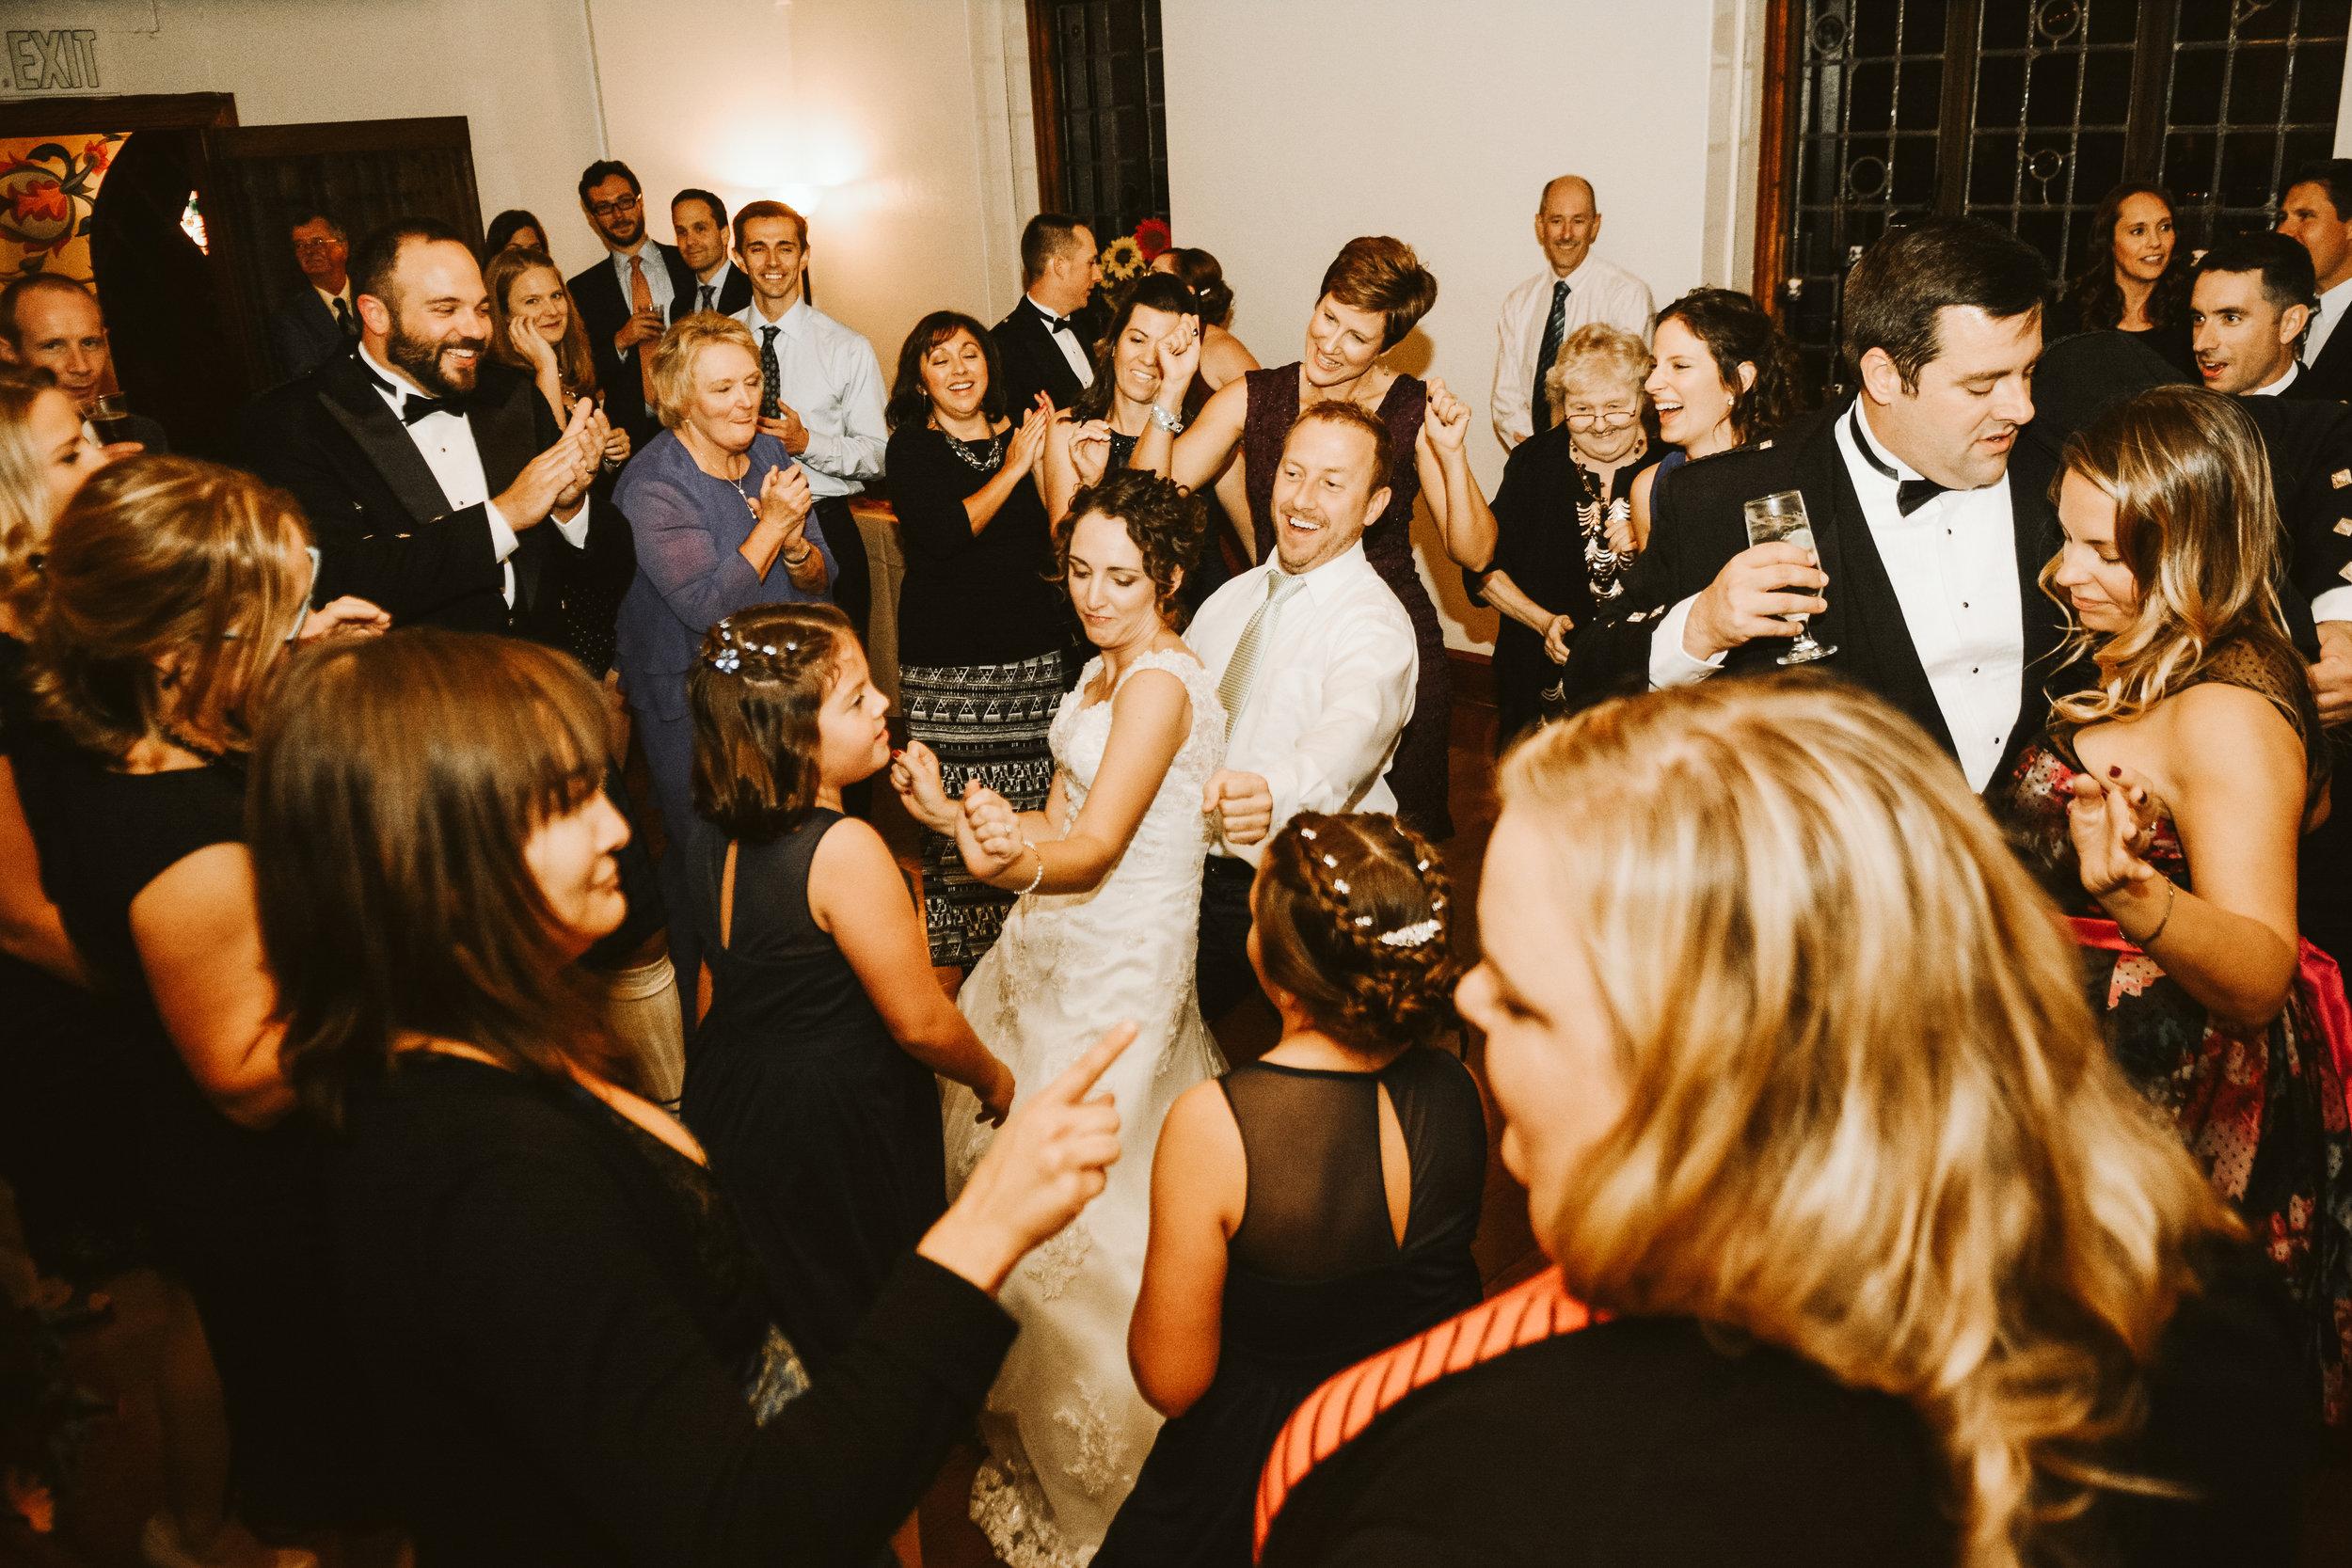 adrienne and greg's wedding 2018 edits-61.jpg